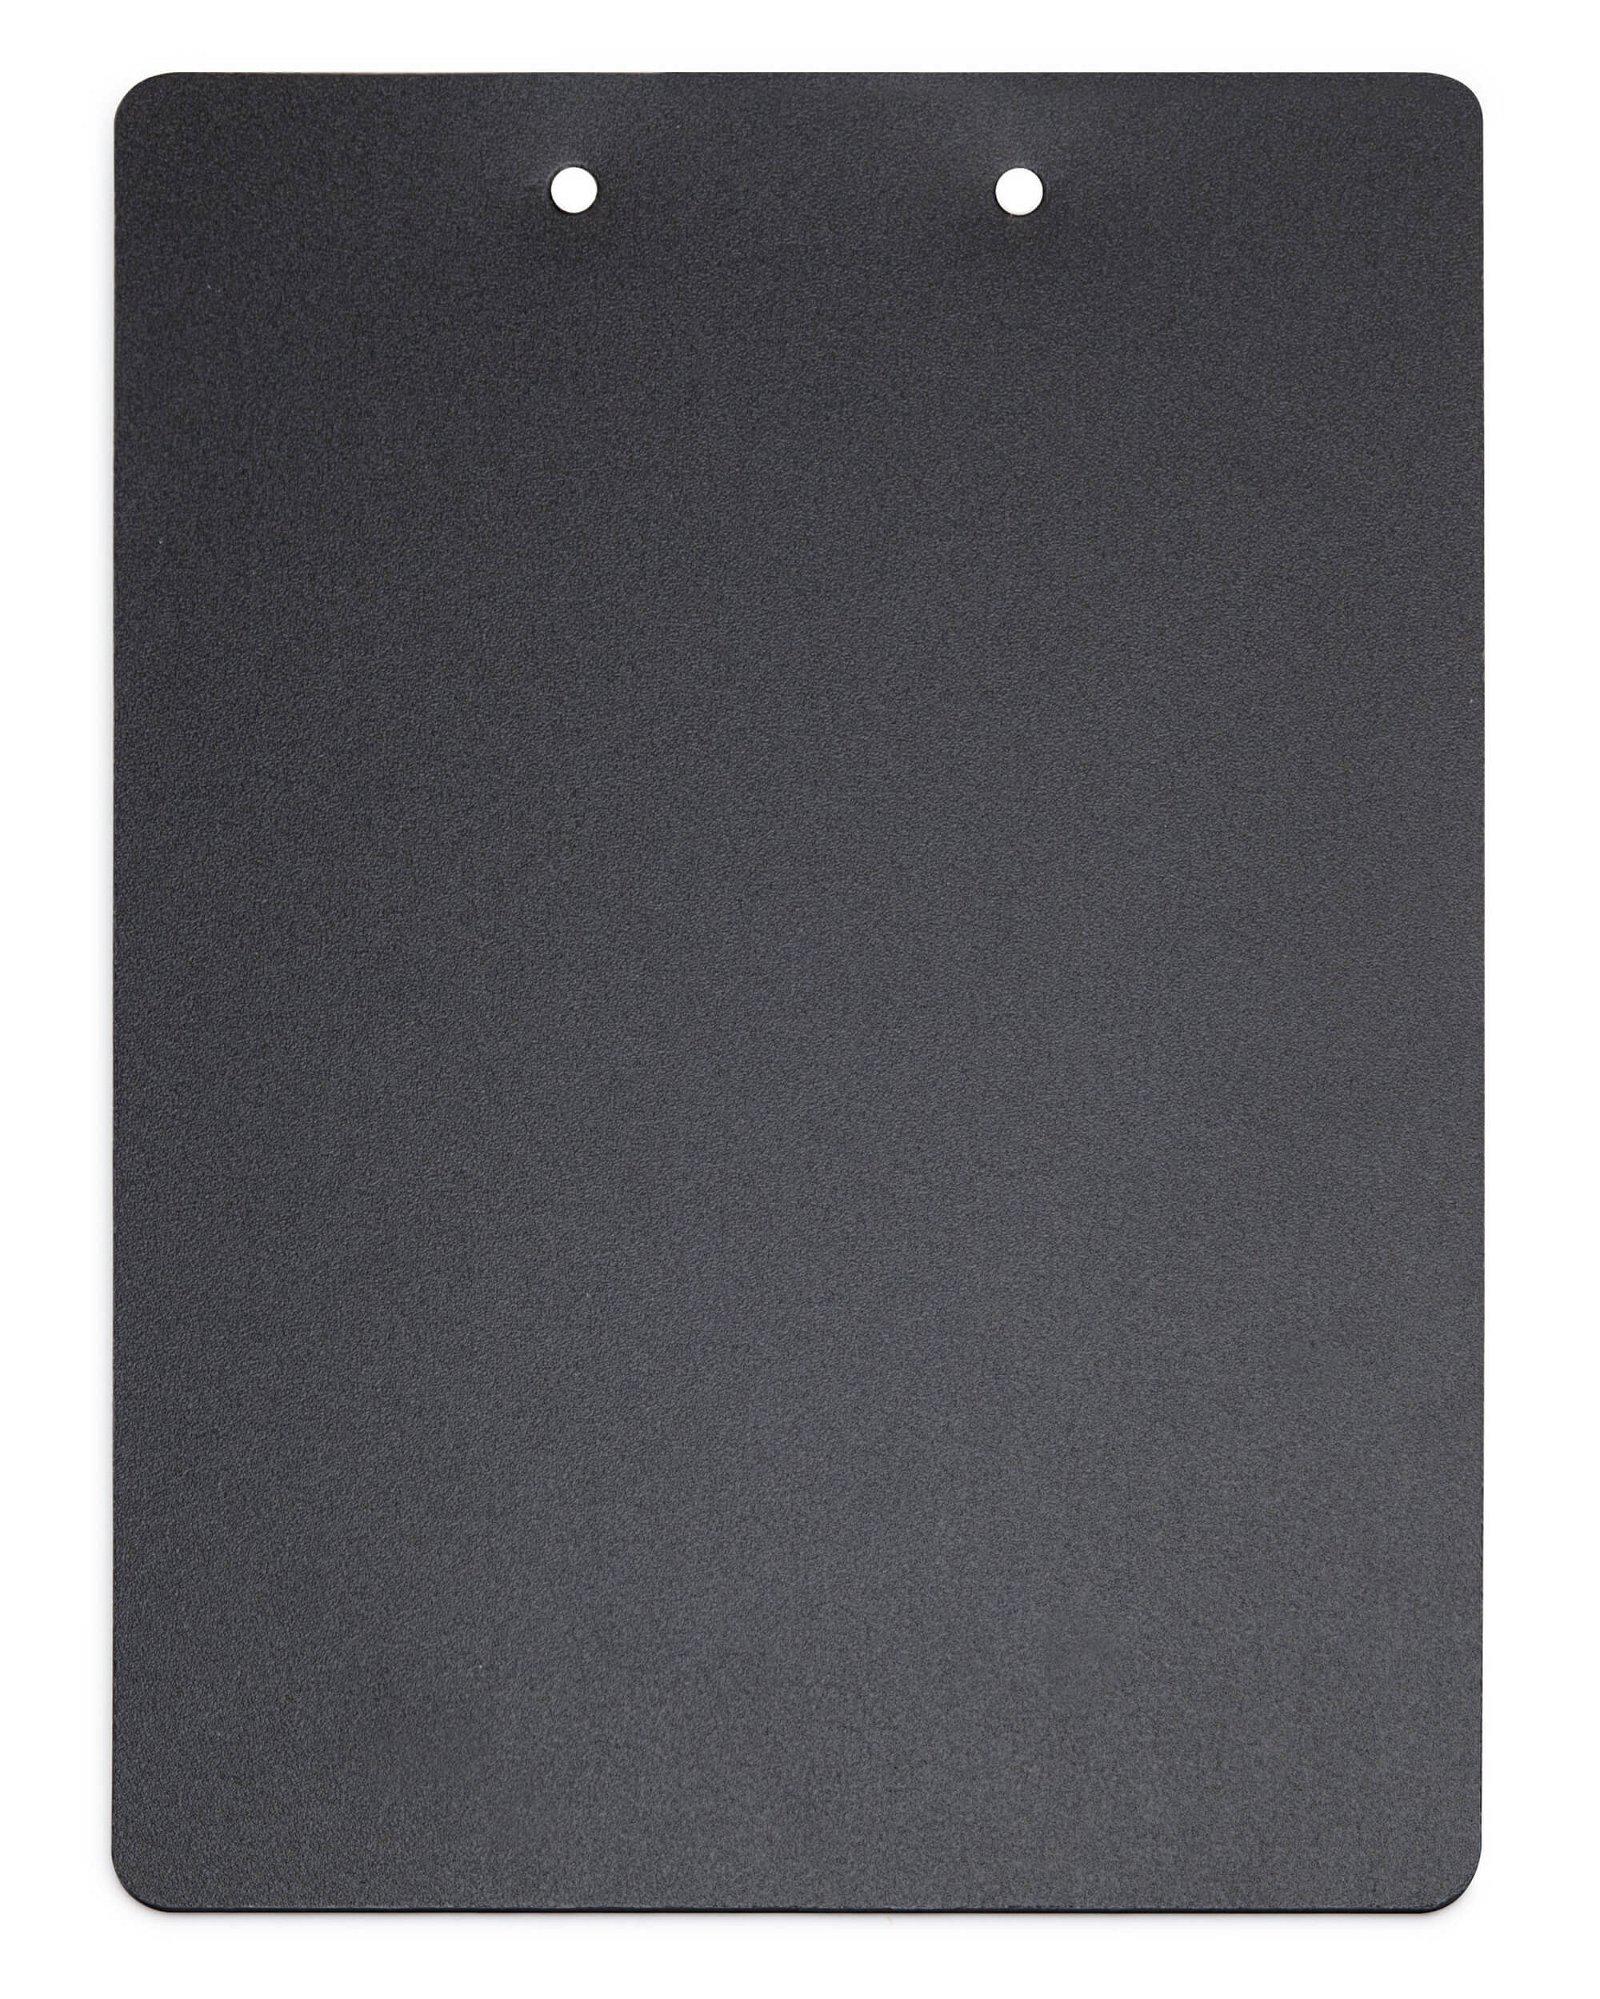 A4 Schreibplatte MAULflexx, schwarz